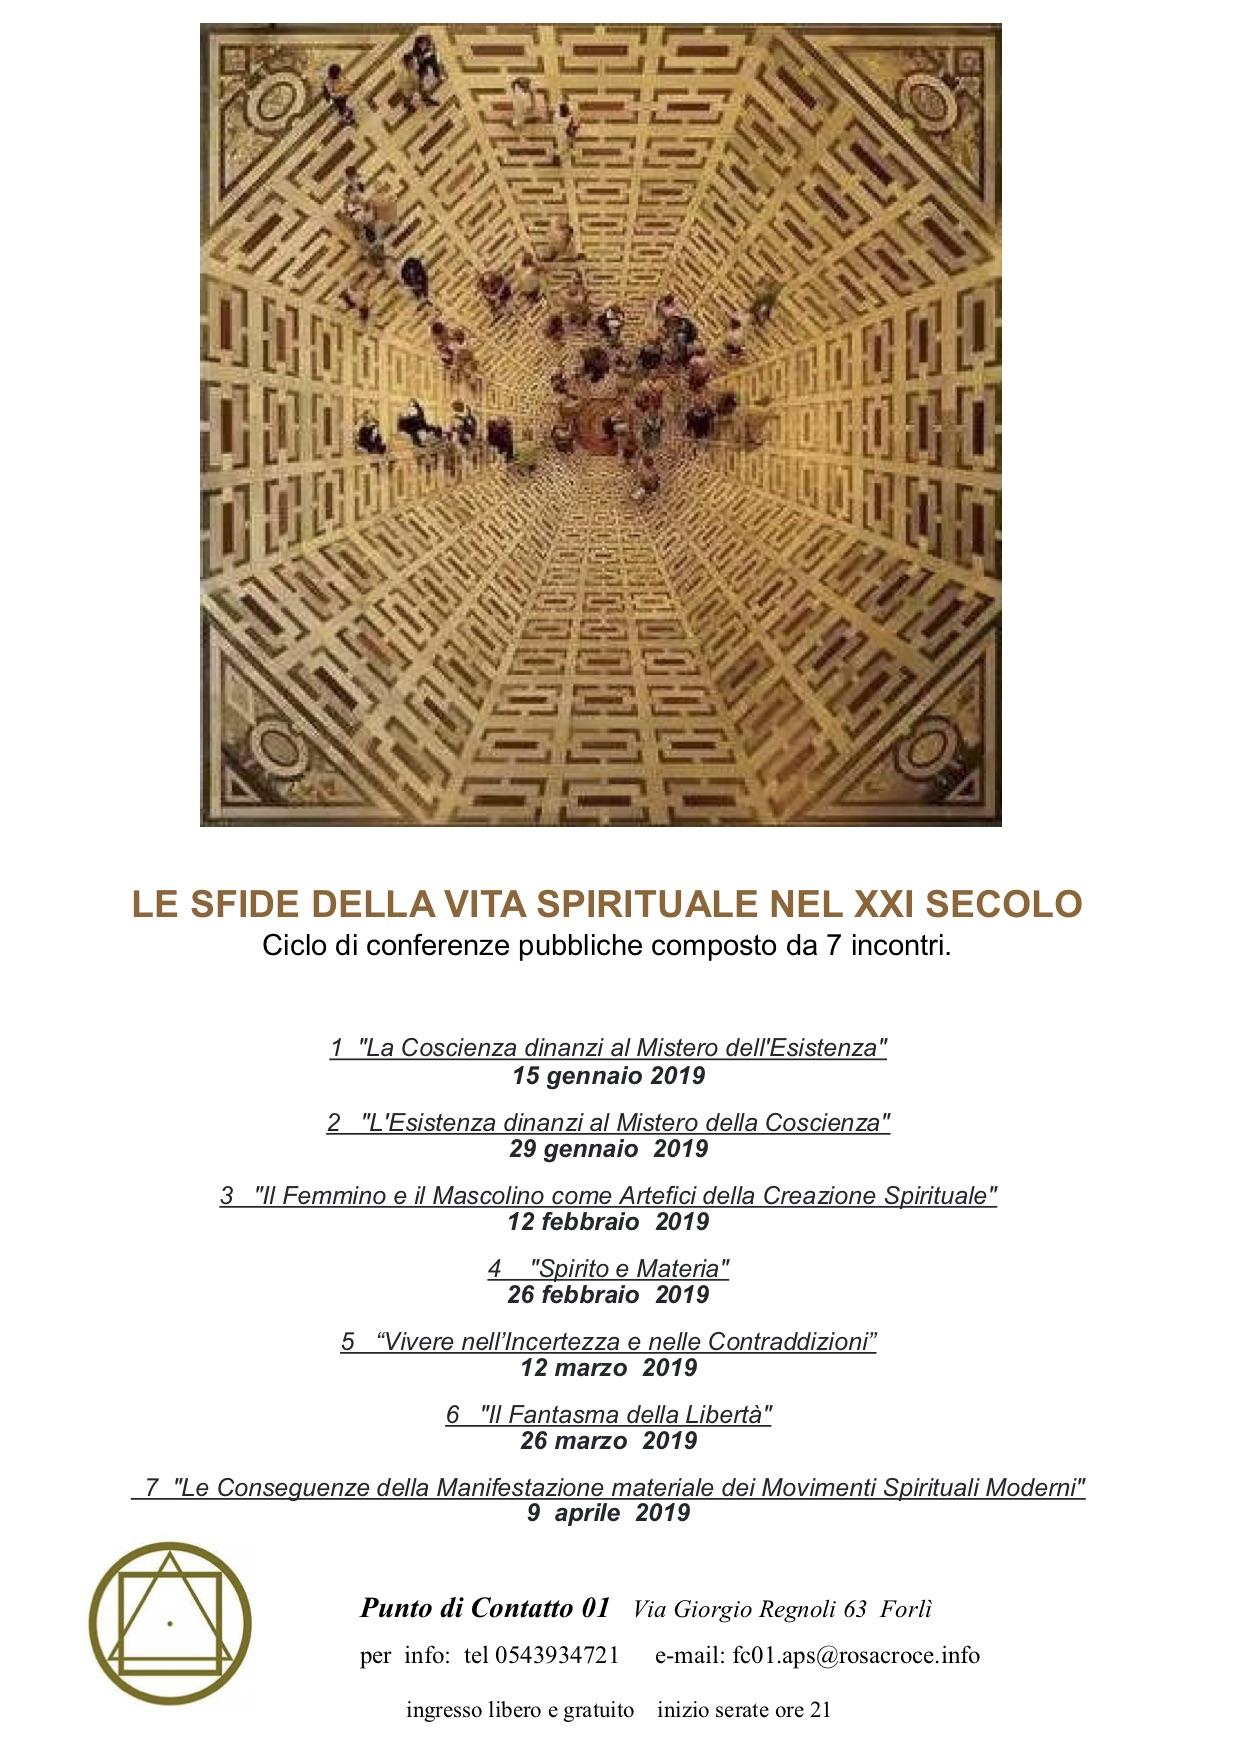 LE SFIDE DELLA VITA SPIRITUALE DEL XXI SECOLO La Coscienza dinanzi al Mistero dell'Esistenza